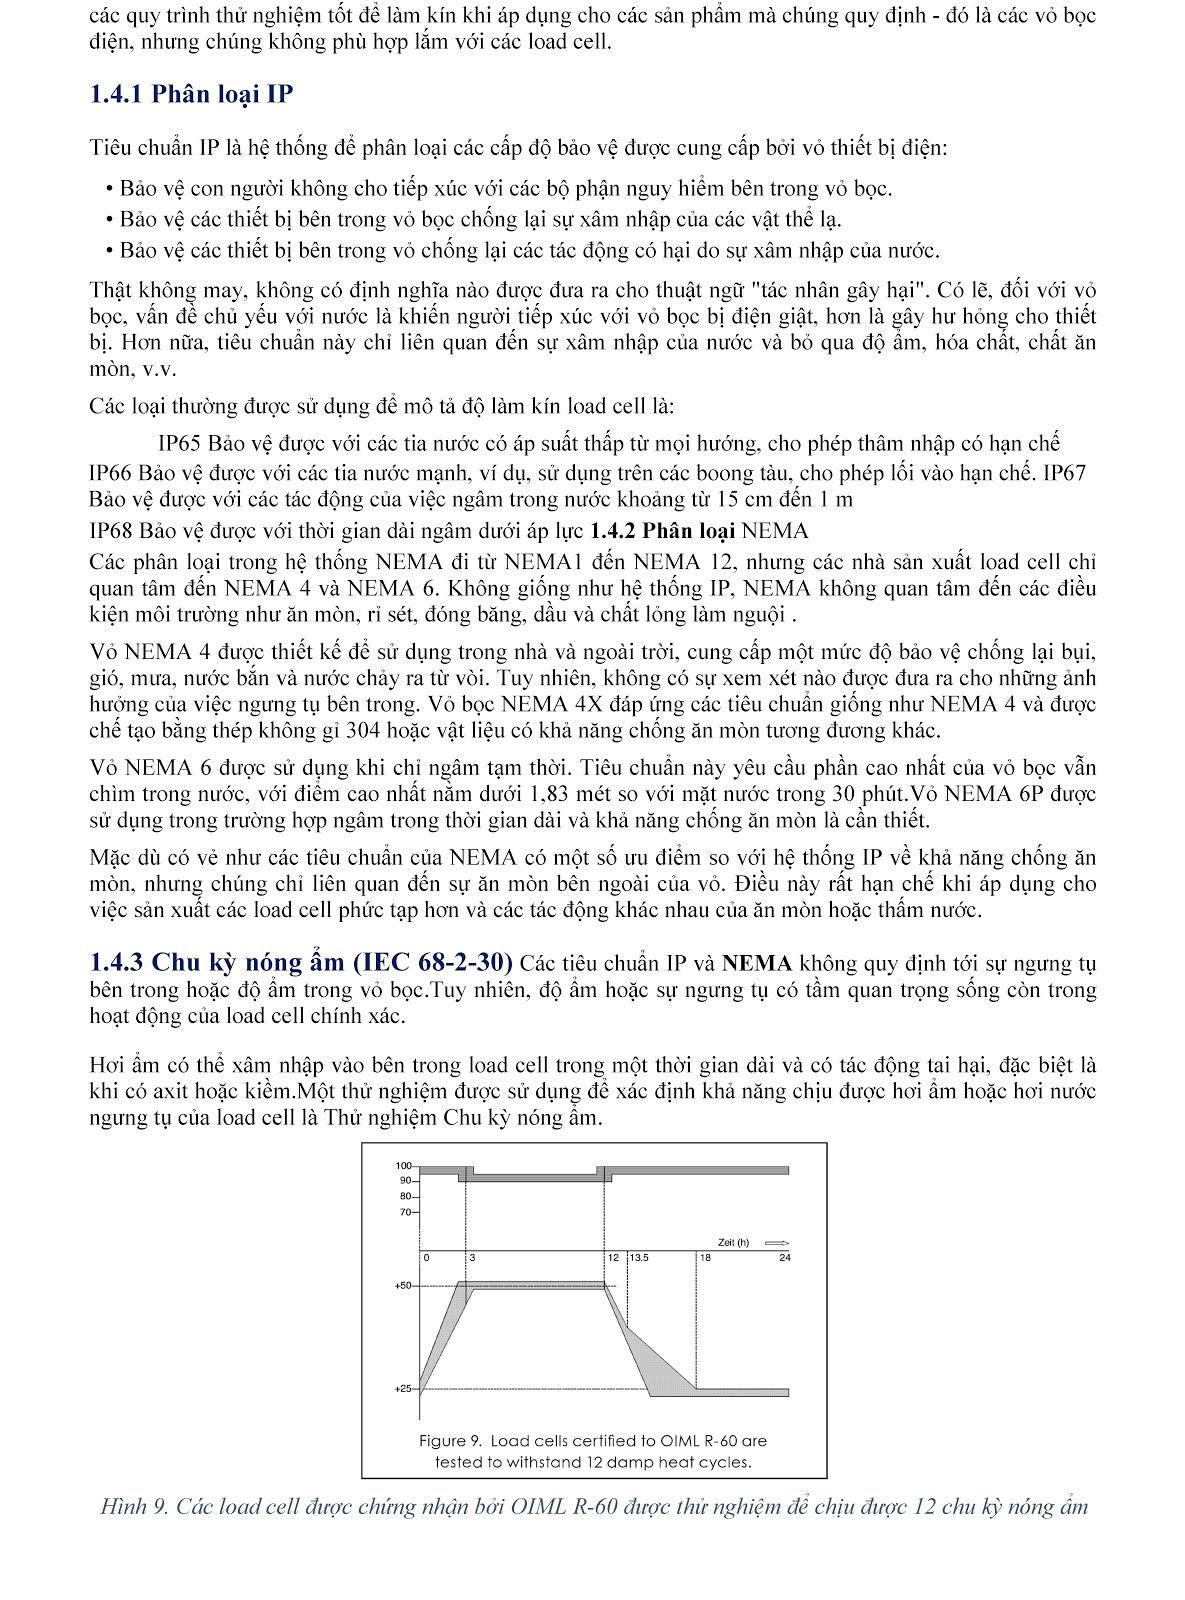 Lưu ý kỹ thuật về Load cell và module cân điện tử (tt) 8